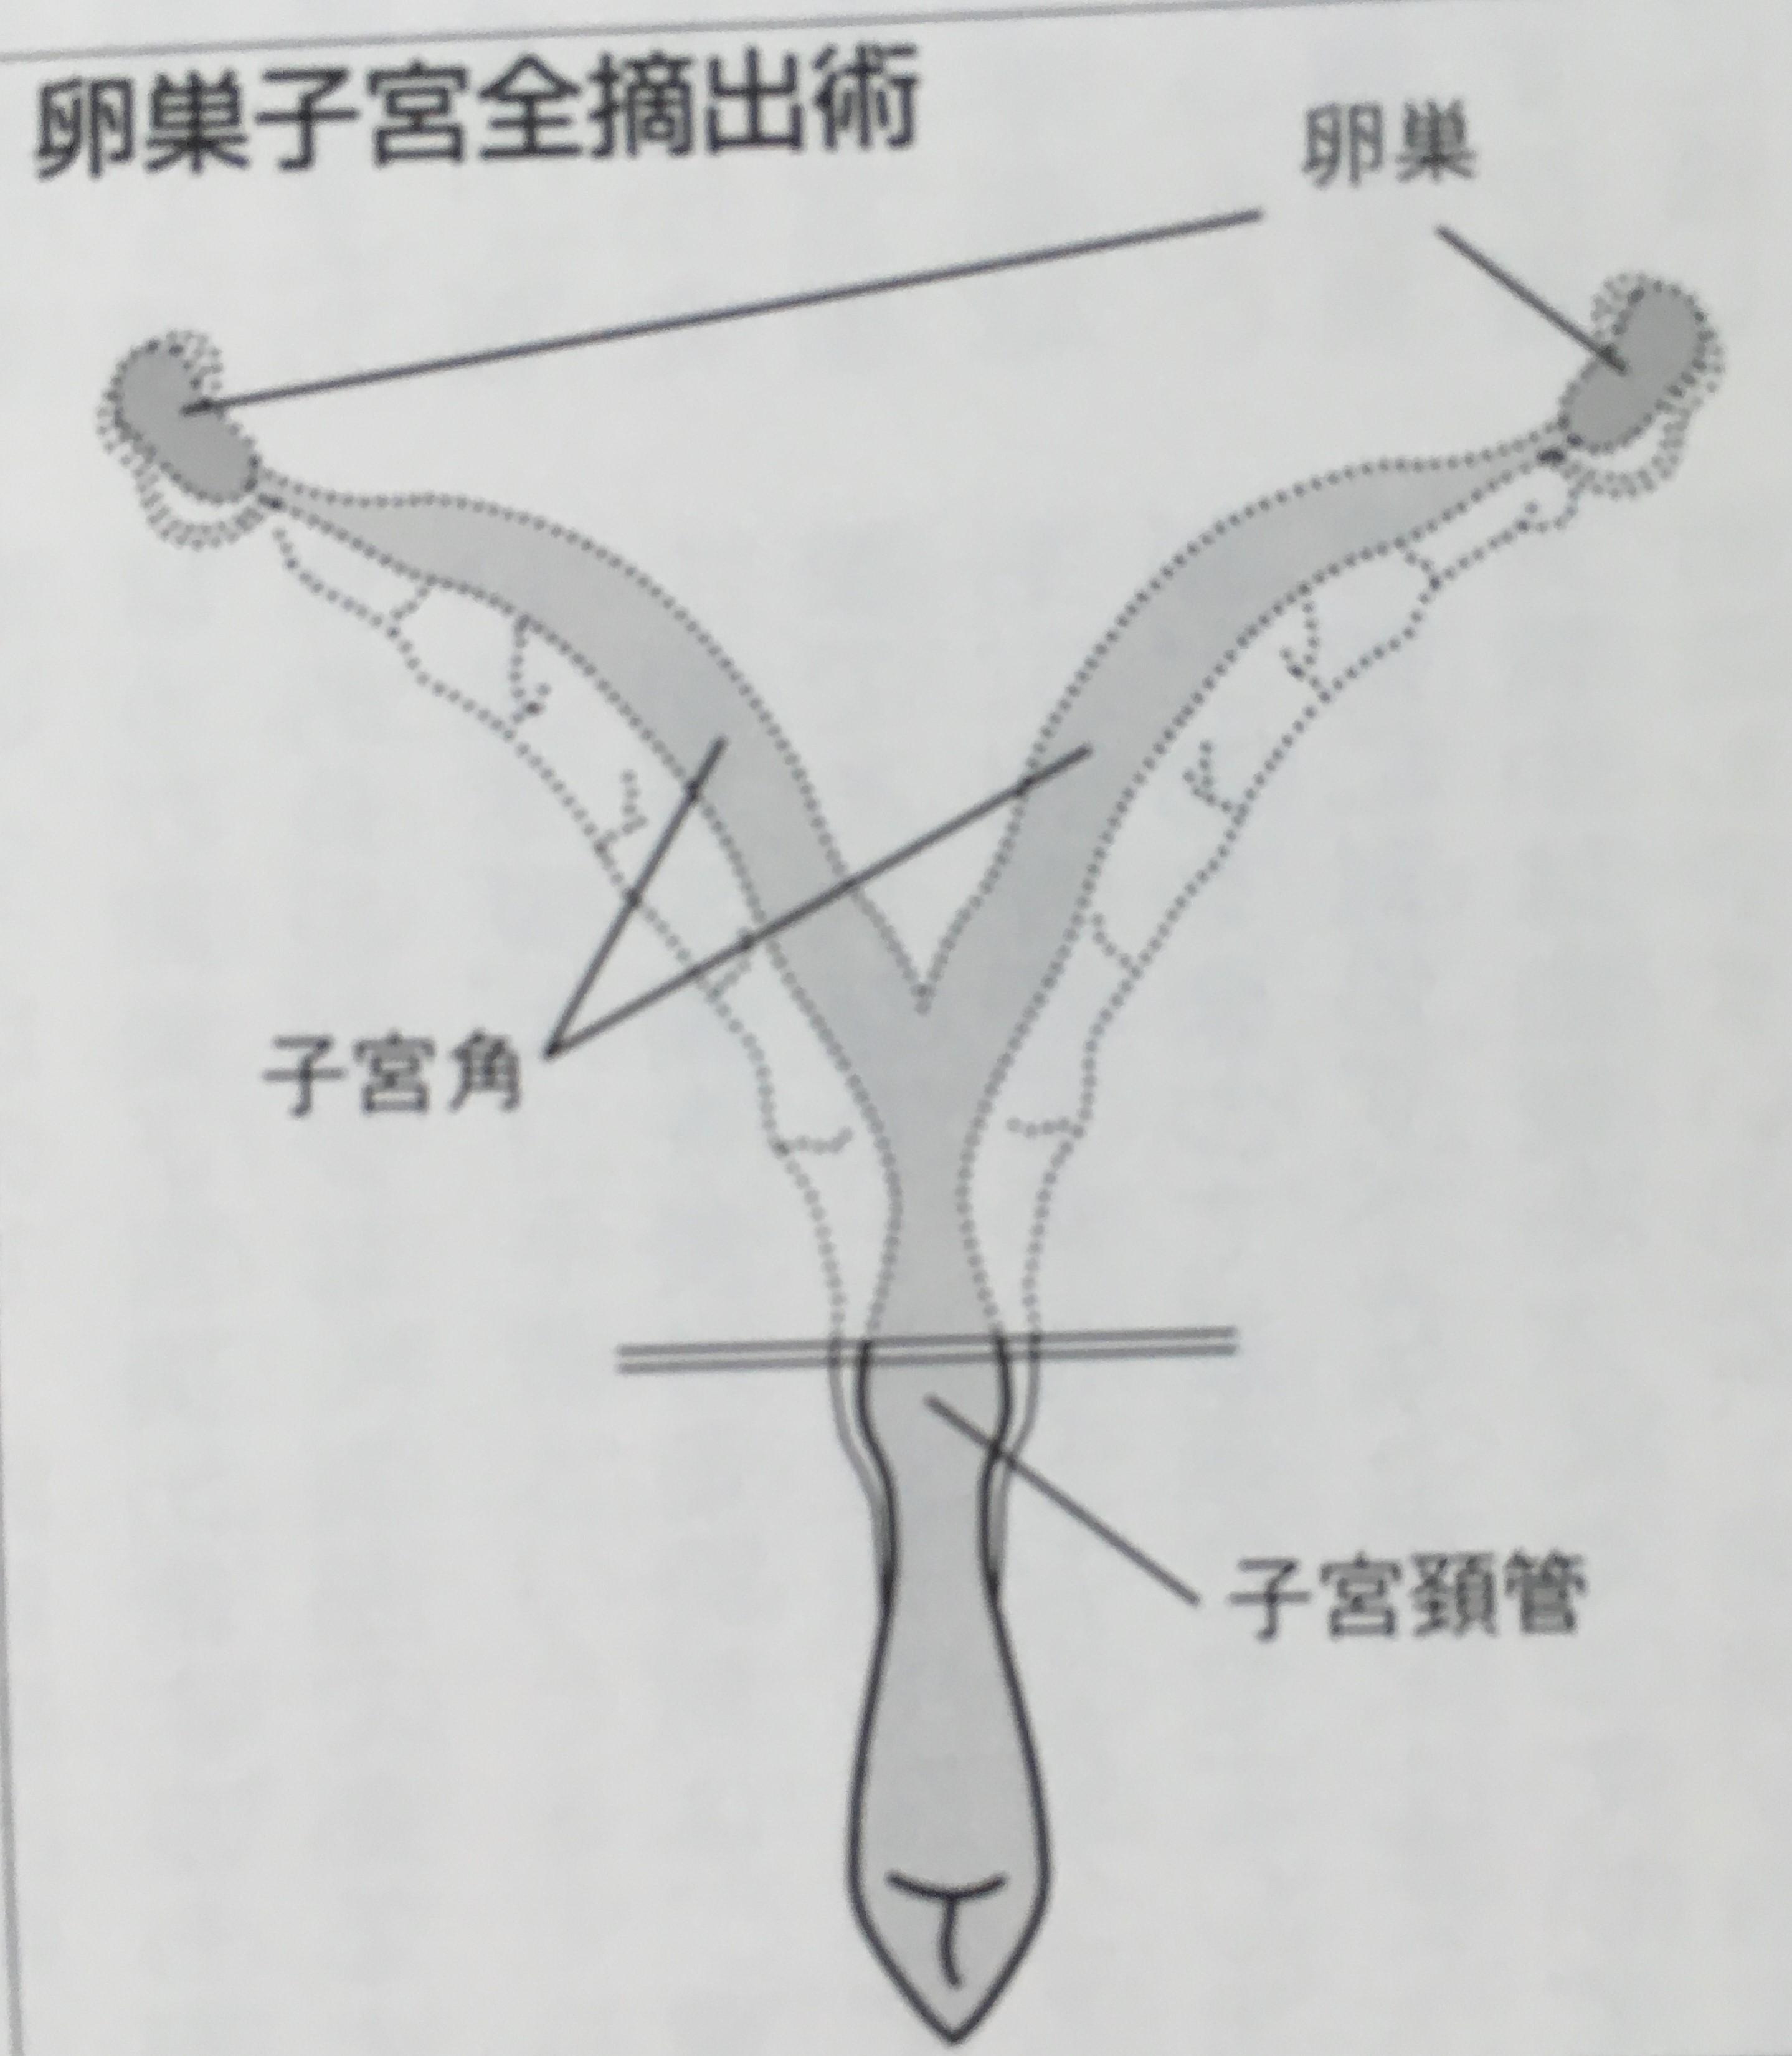 犬の卵巣と子宮の両方を摘出する手術